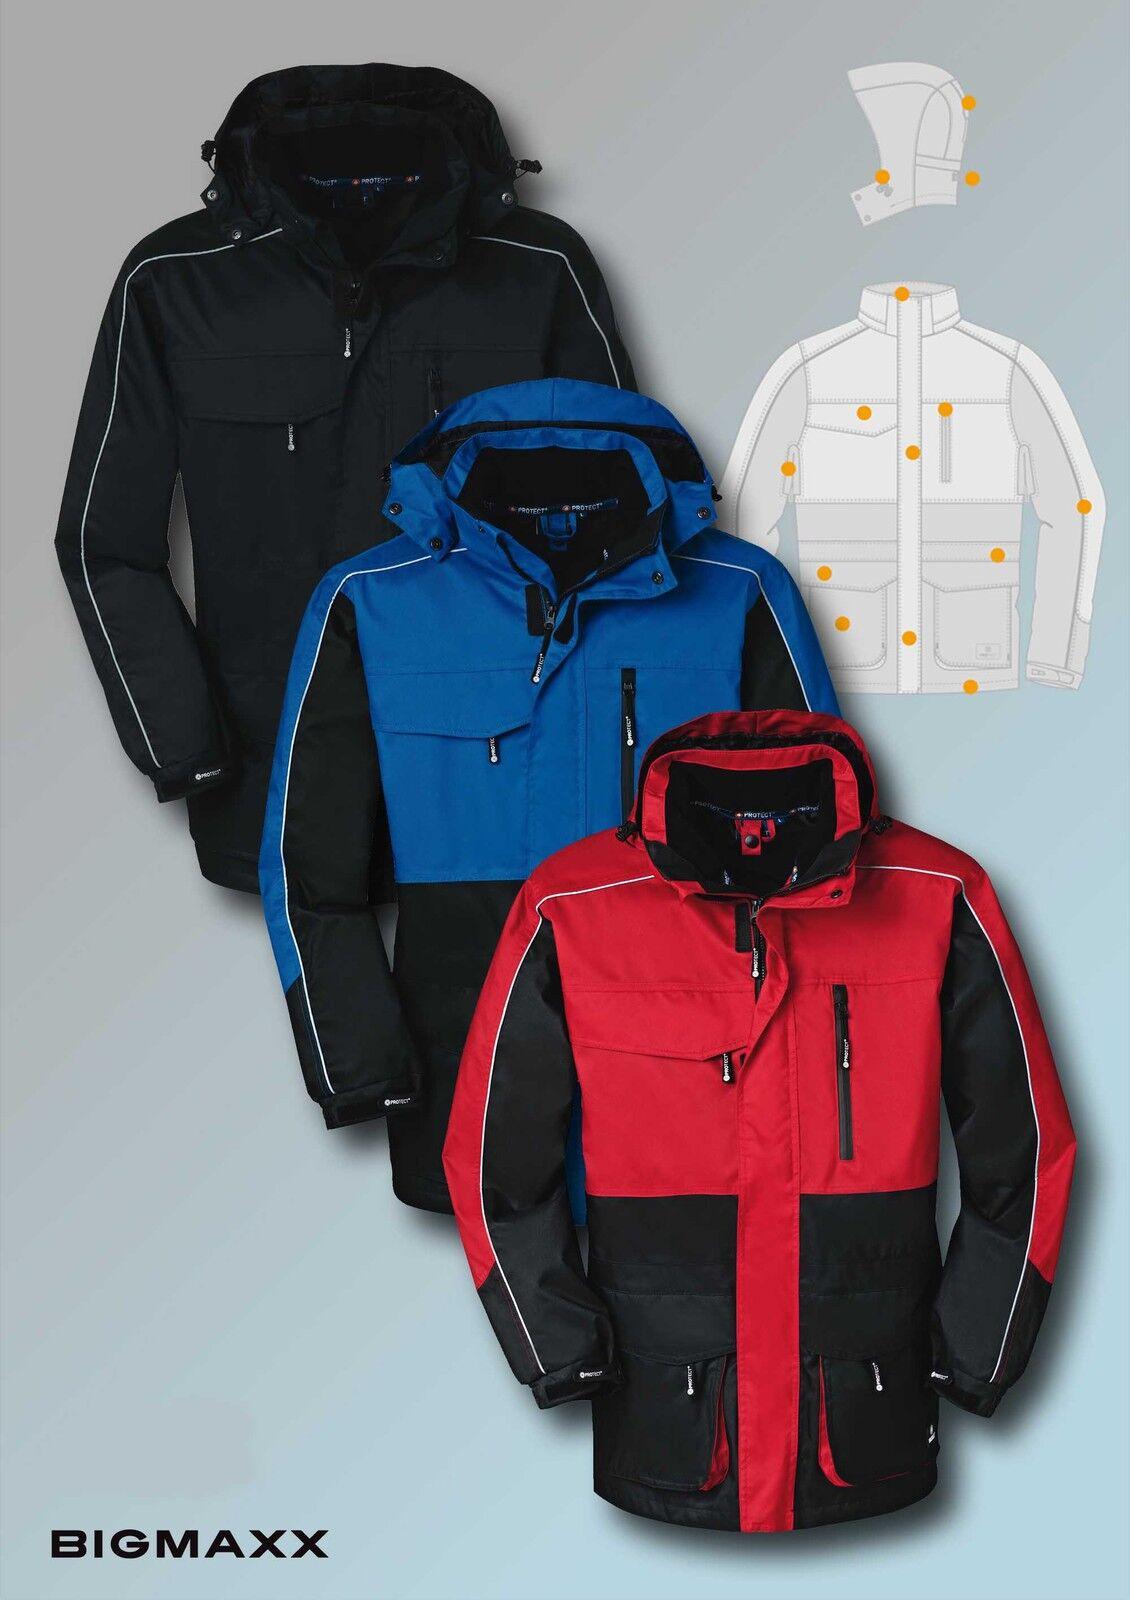 4PROtect Wetterschutzjacke DENVER Outdoorjacke Arbeitsjacke 3 Farben S bis 3XL